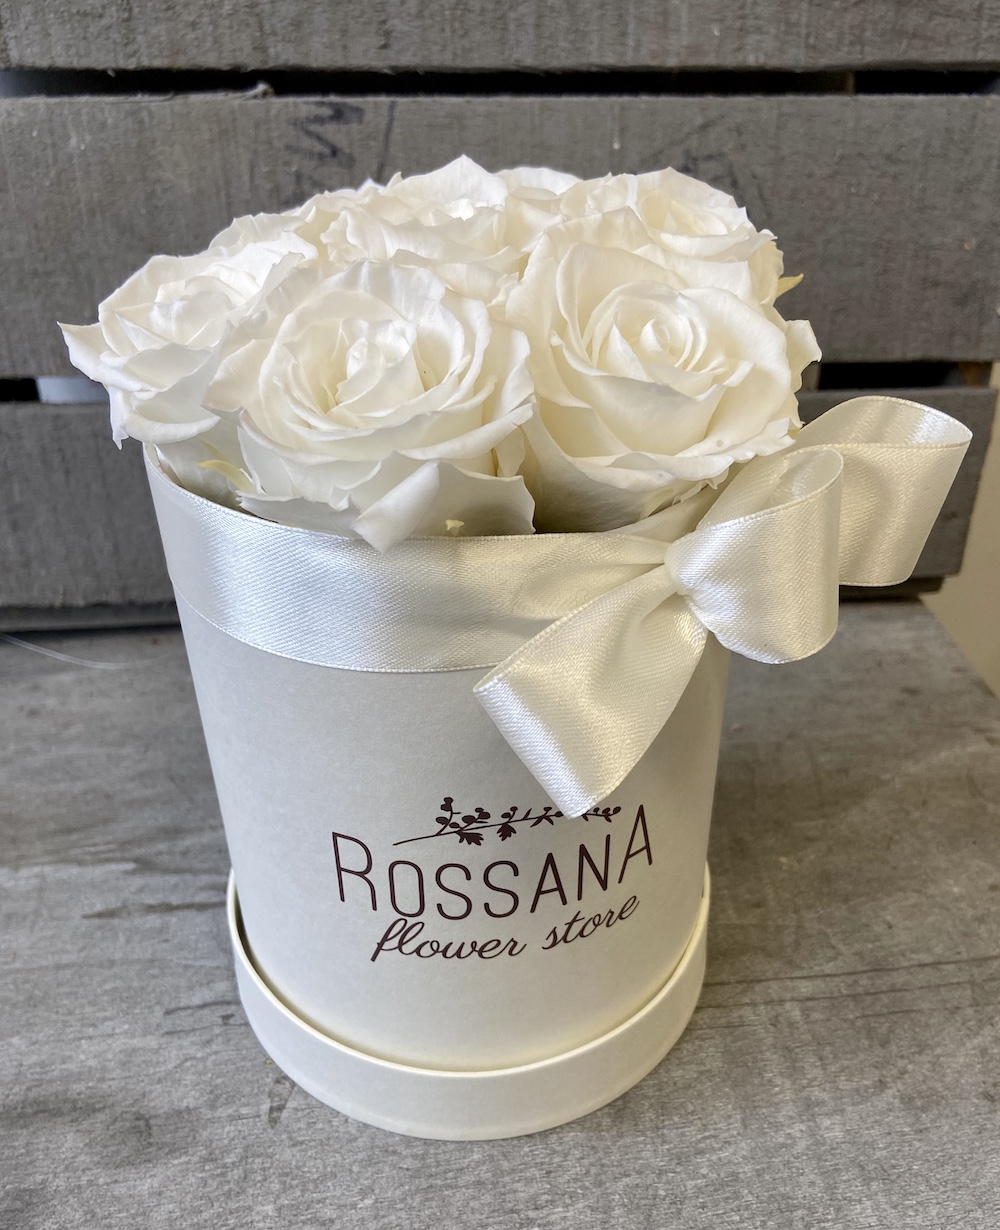 flower box rose stabilizzate bianche florashopping Rossana flower store NovellinoIMG_0880